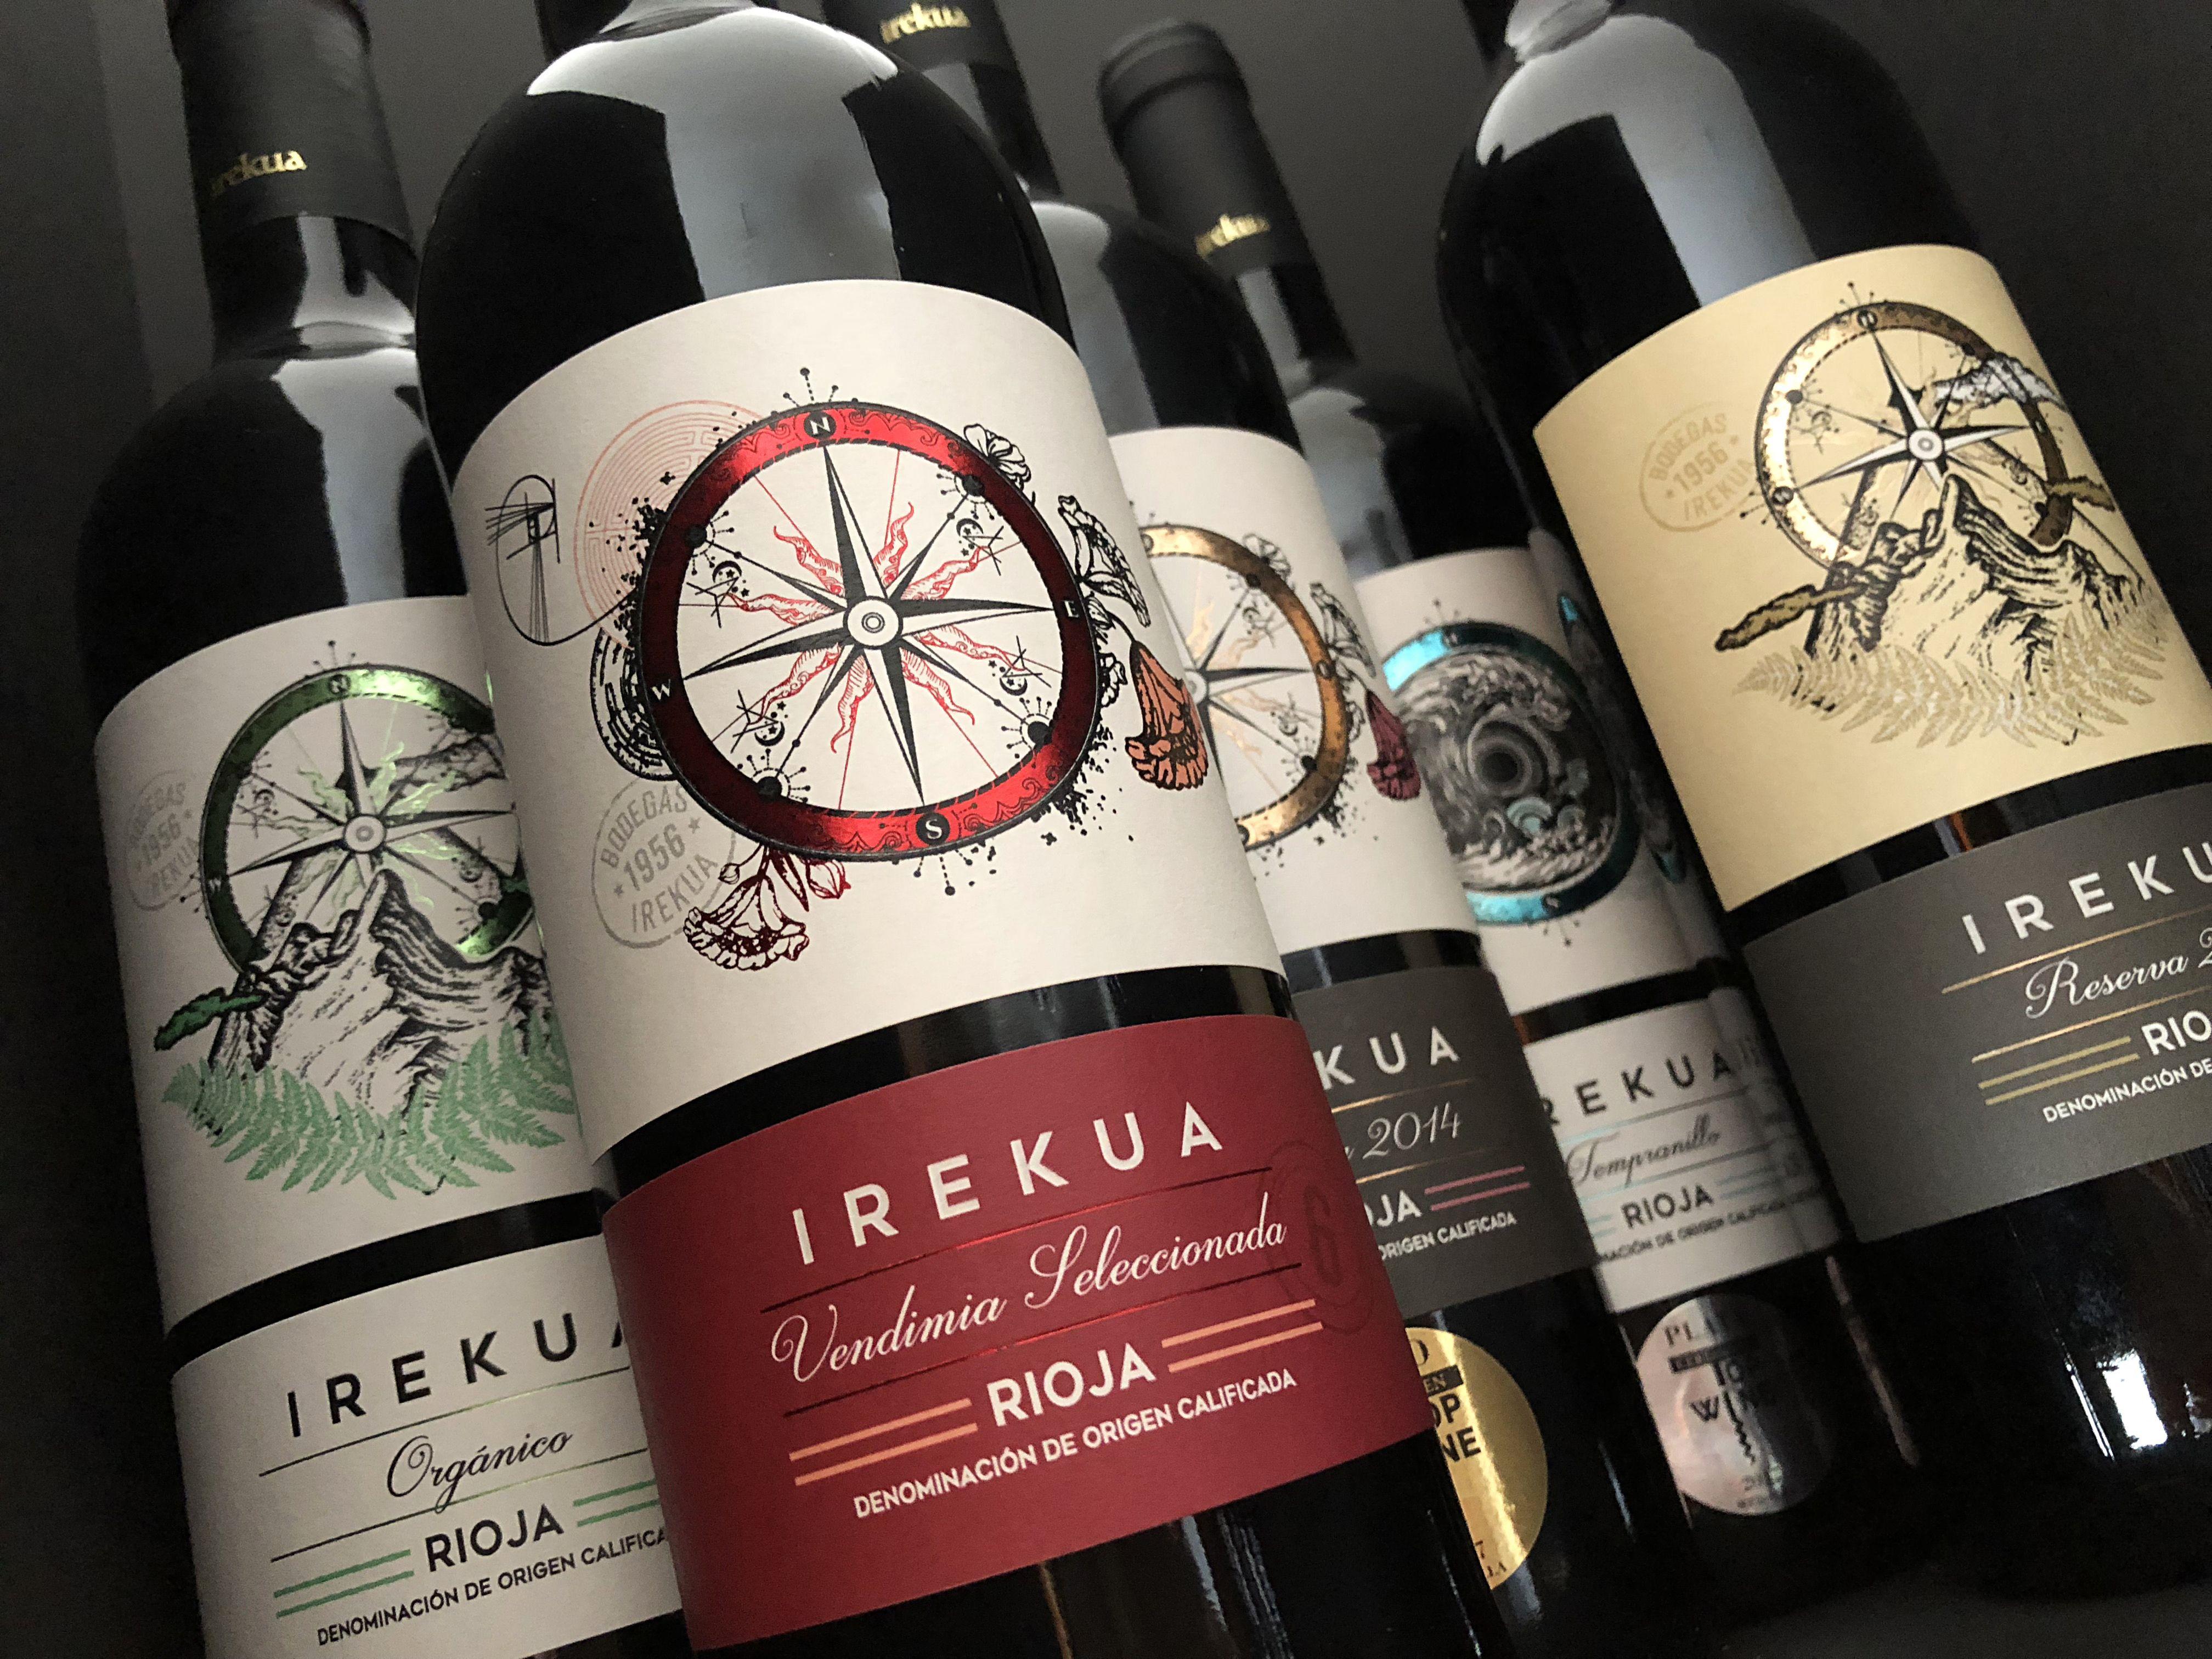 Irekua... diseño que sigue el orden y la inspiración de la naturaleza.